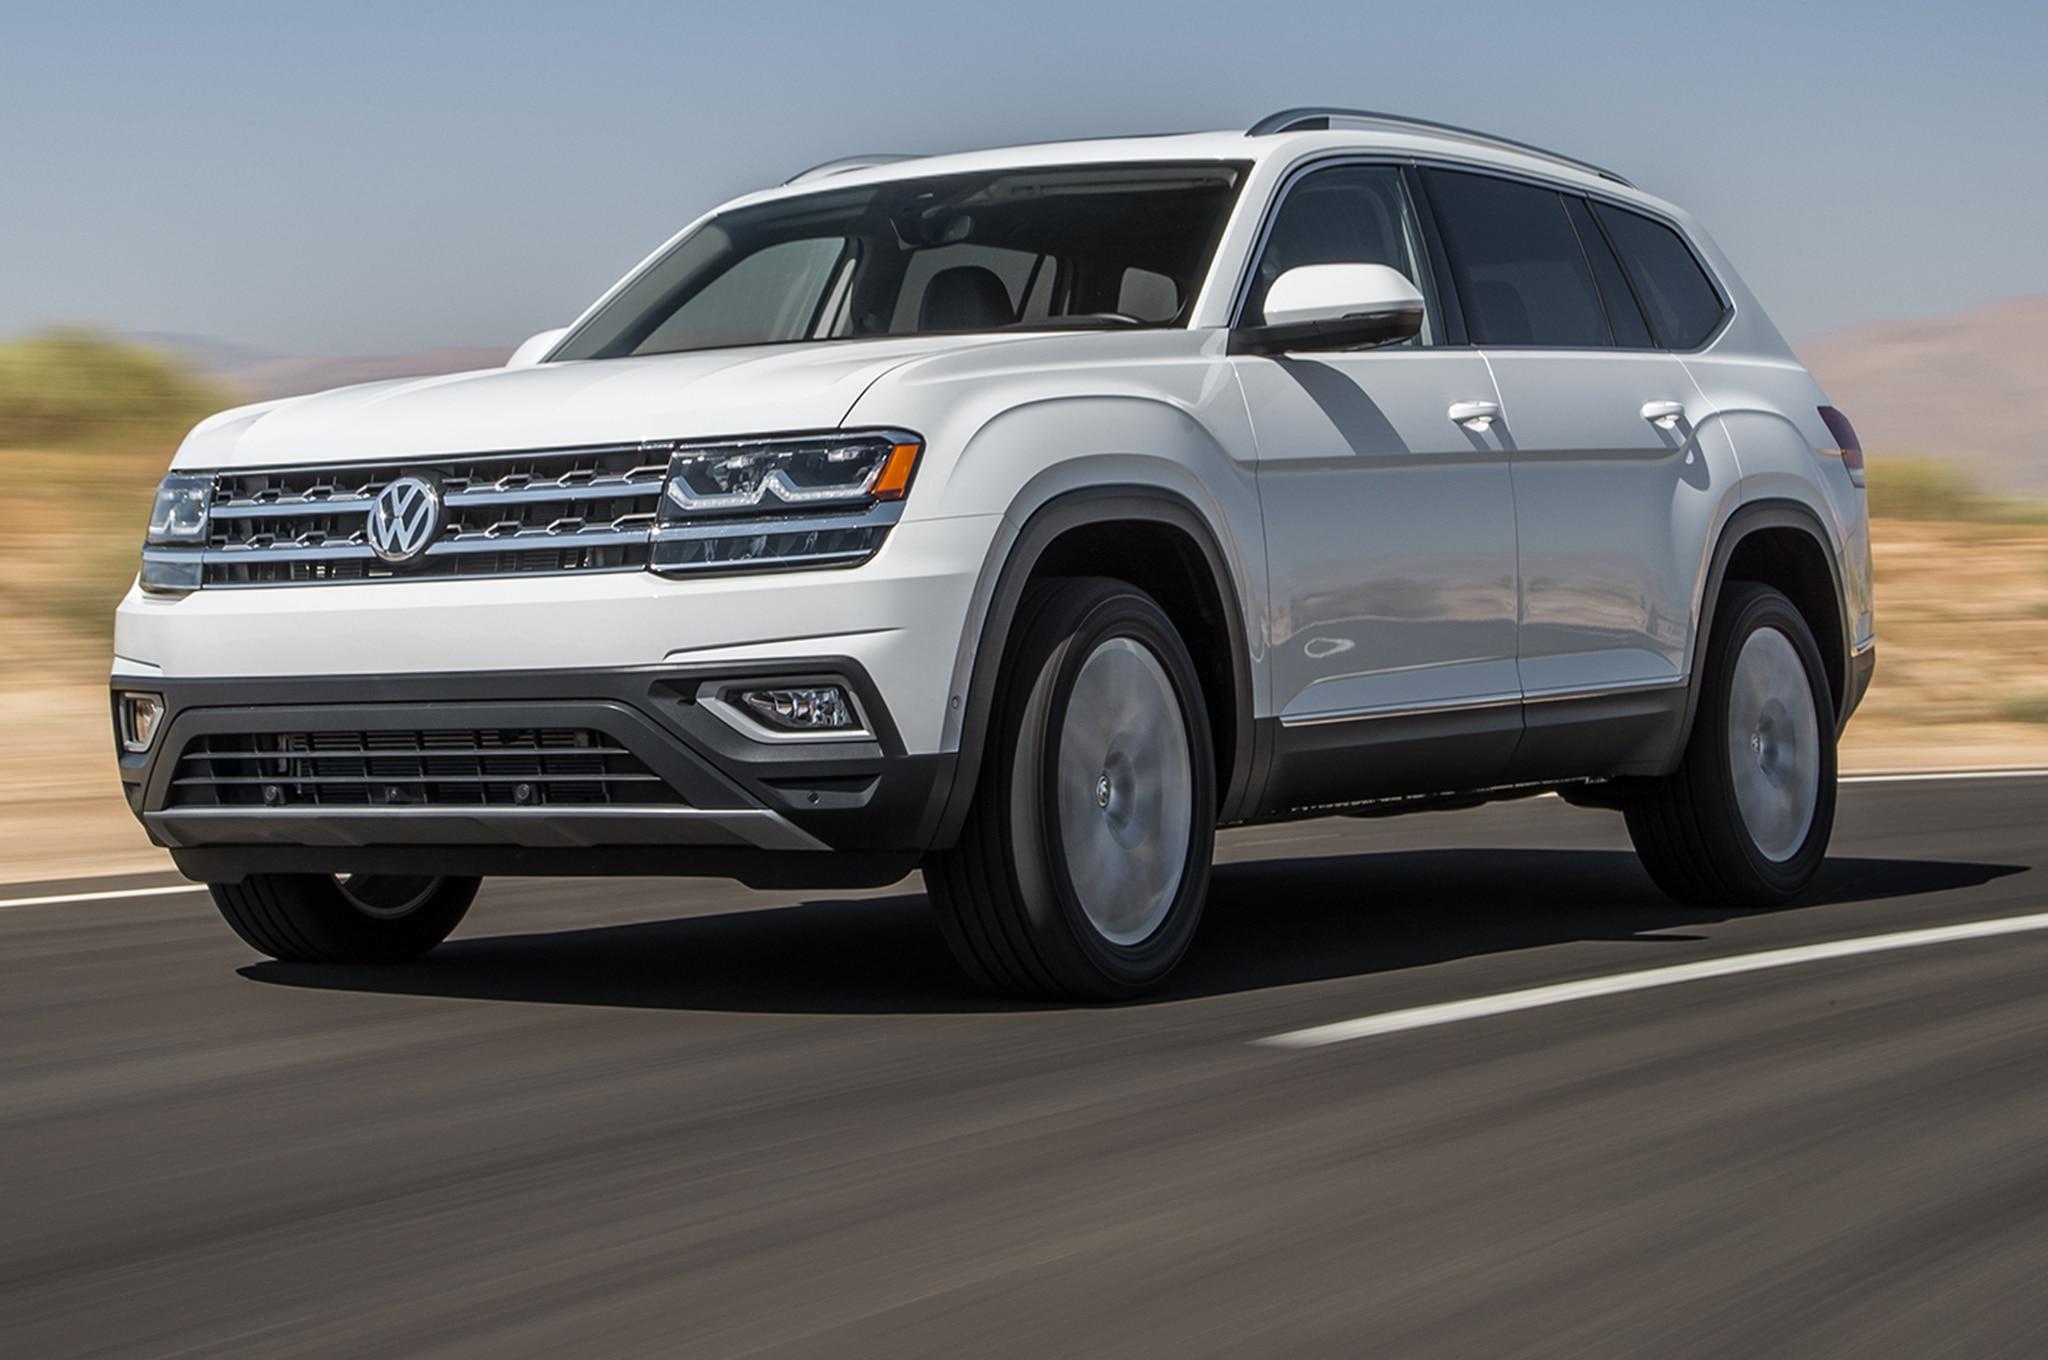 2018 Volkswagen Atlas V6 SEL 4Motion Front Three Quarter In Motion 01